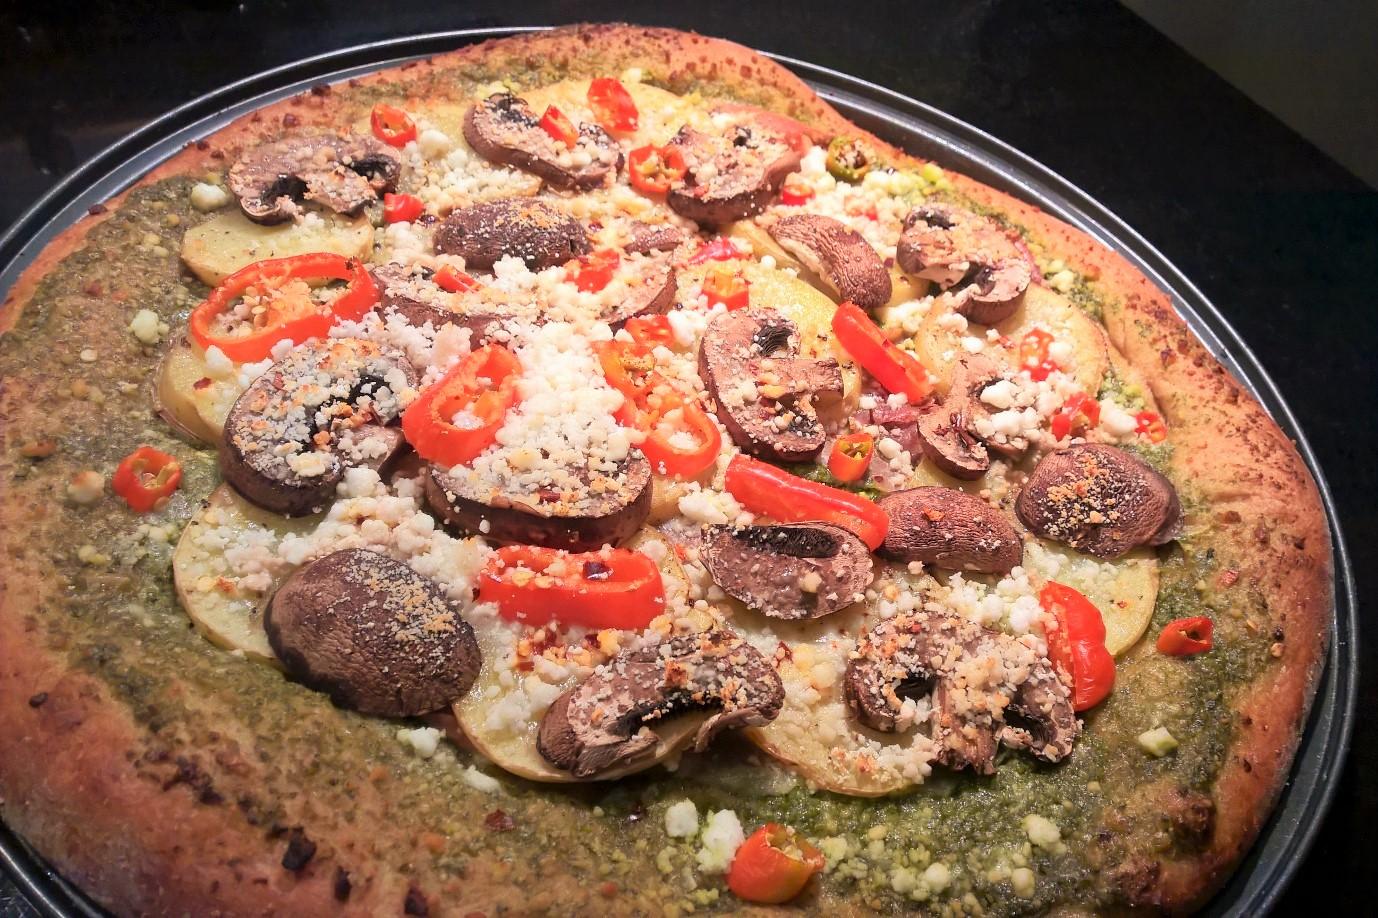 pizza-with-prosciutto-pesto-potatoes-mushrooms